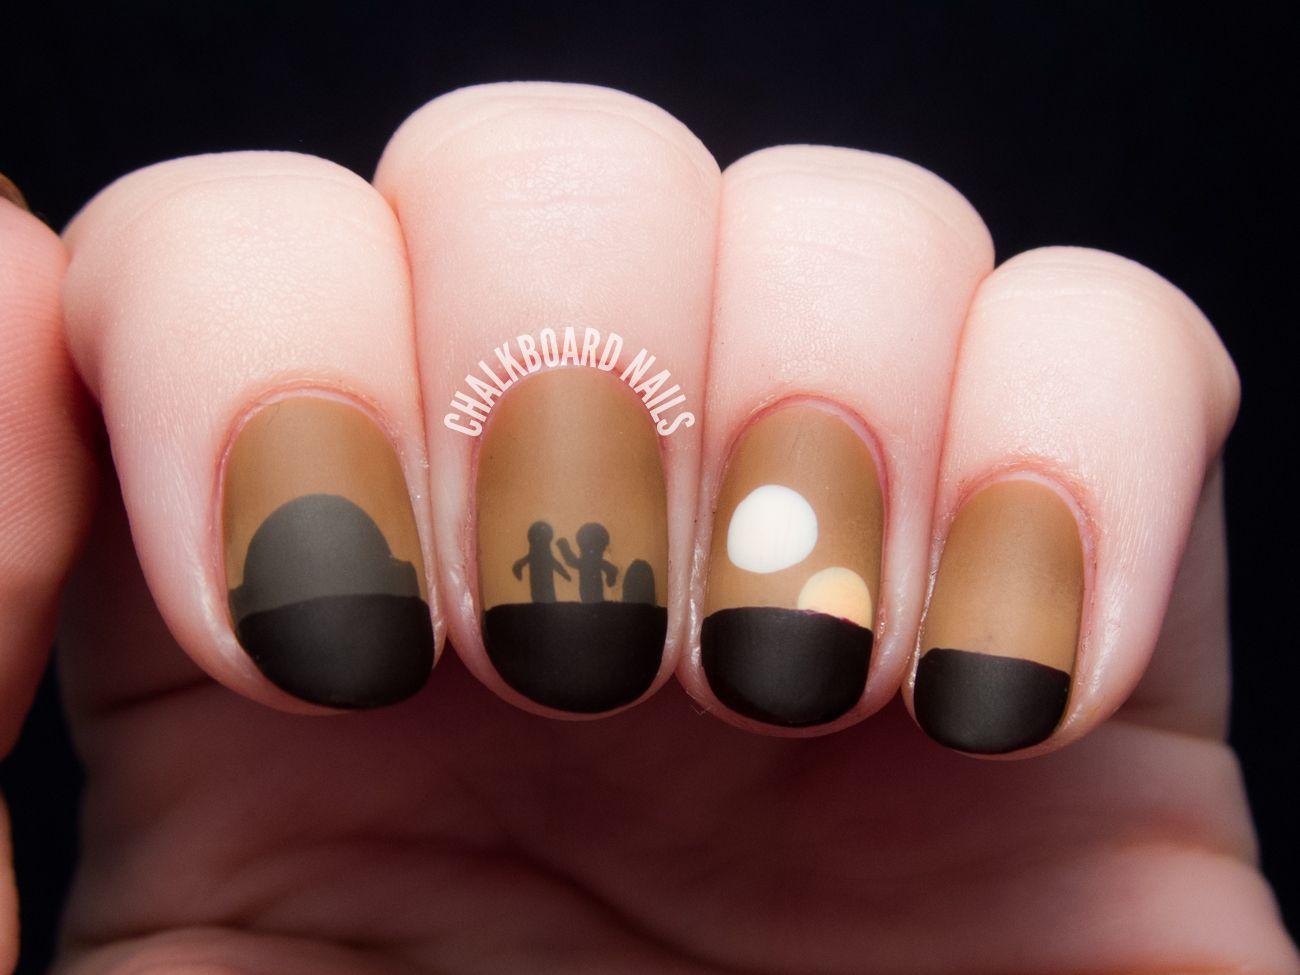 Sunset On Tatooine - Star Wars Nail Art - Sunset On Tatooine - Star Wars Nail Art Star Wars Nails